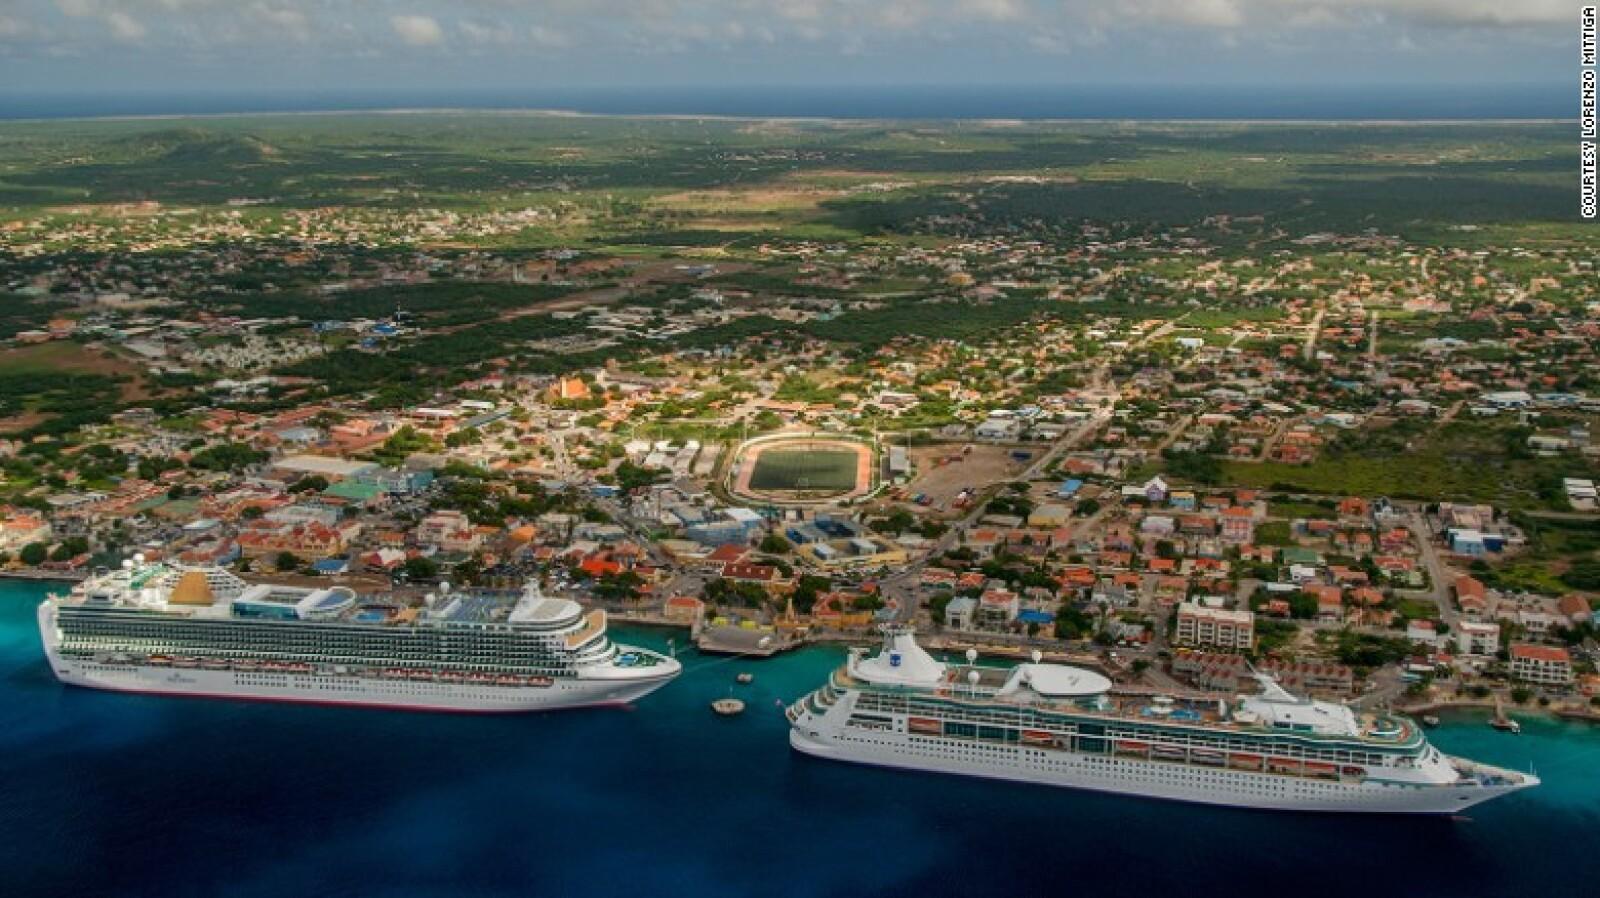 La temporada de huracanes es una época buena para recorrer el Caribe en crucero.